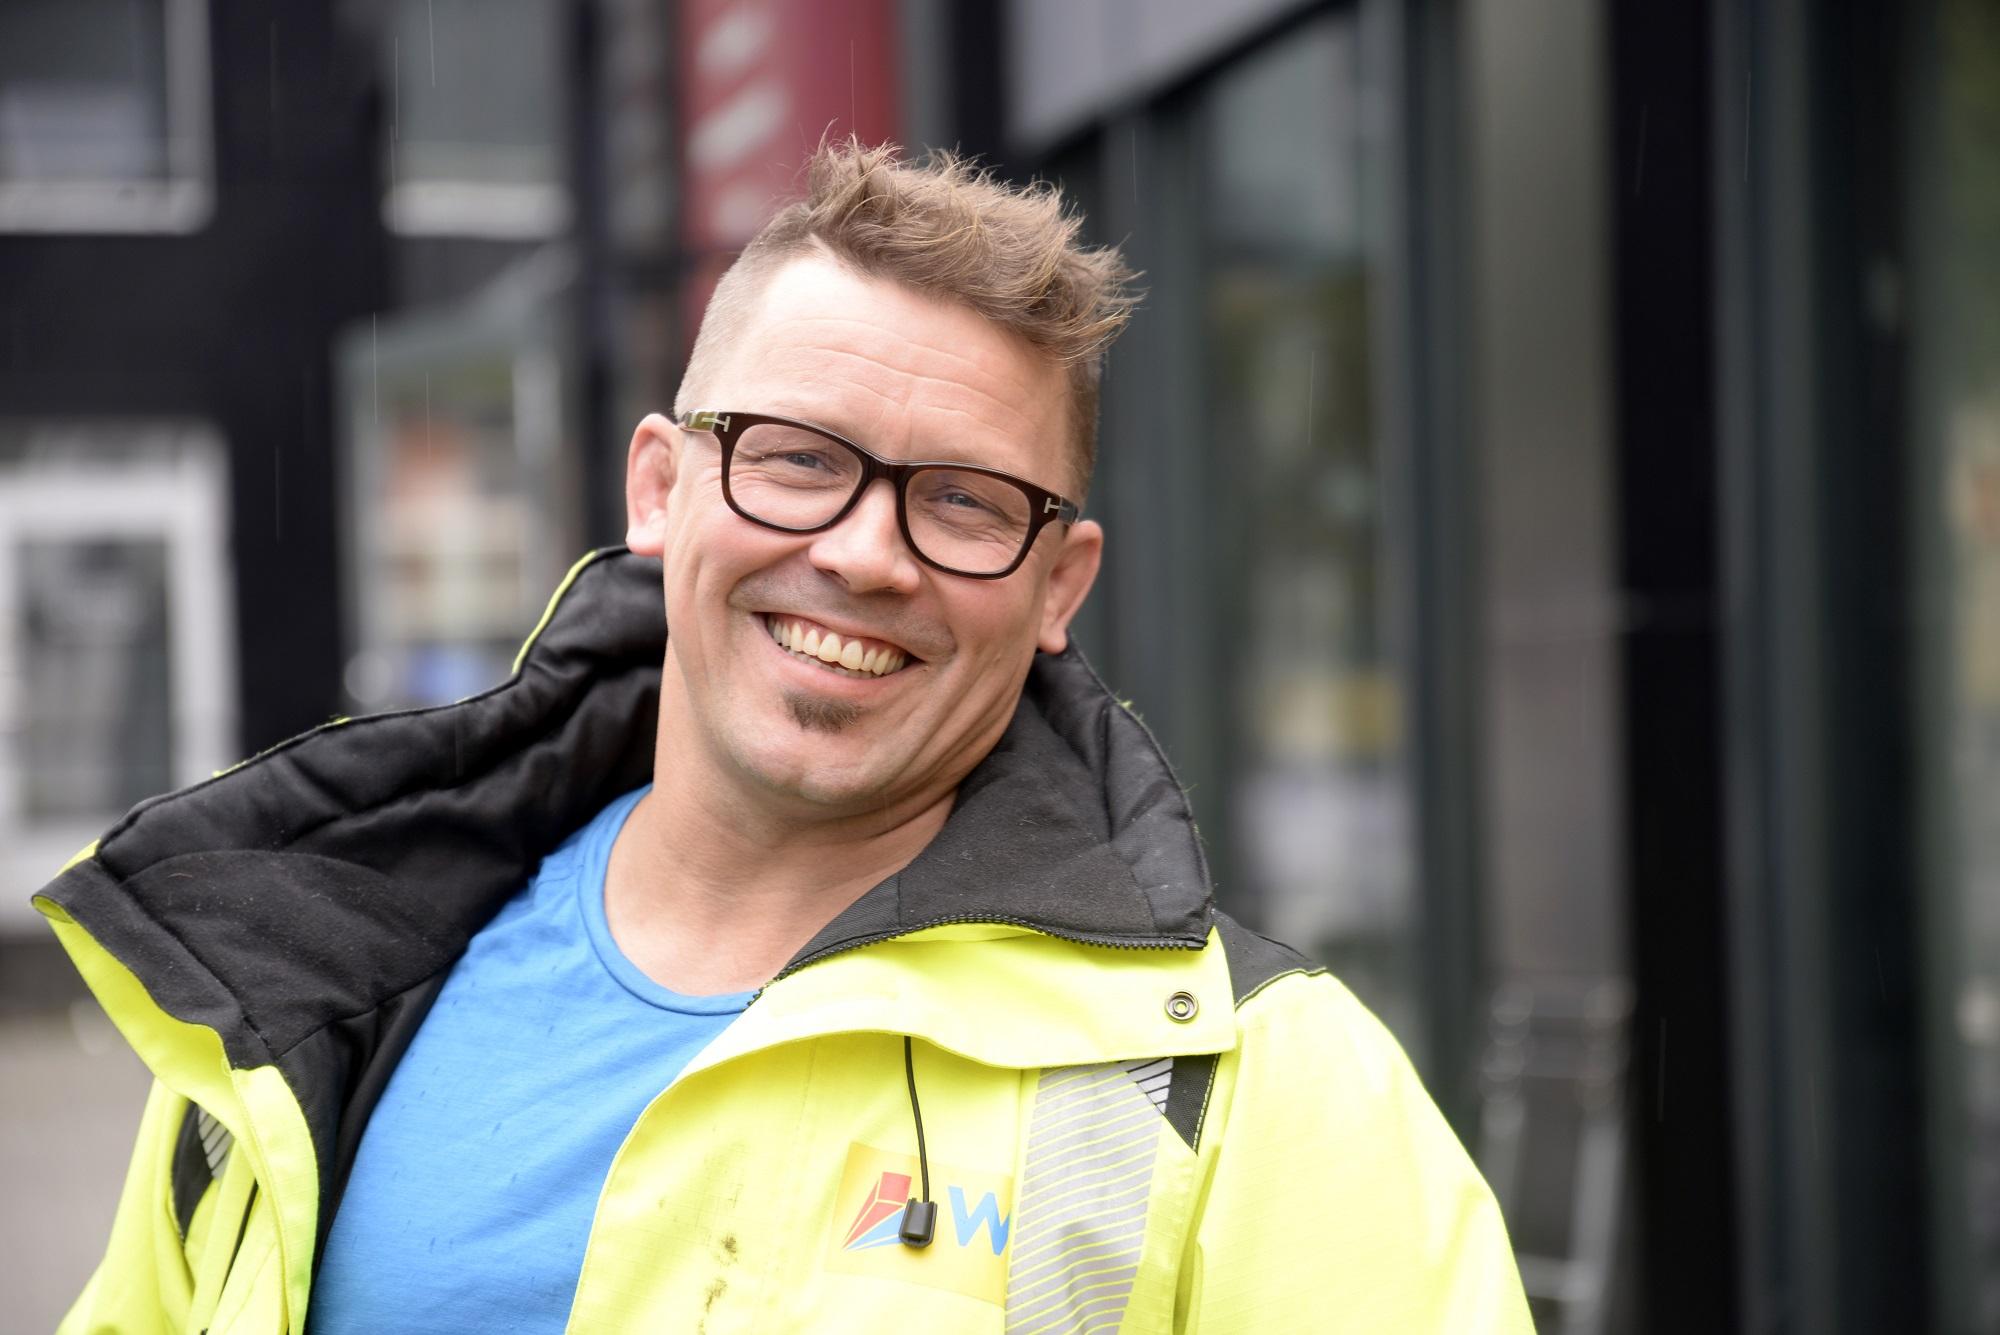 Både før og etter ulykken prioriterte Stig A. Hansen utdannelse. Det gjør at han i dag har en spennende jobb som prosjekt- og byggeleder. (Foto: Rune Stoltz Bertinussen)